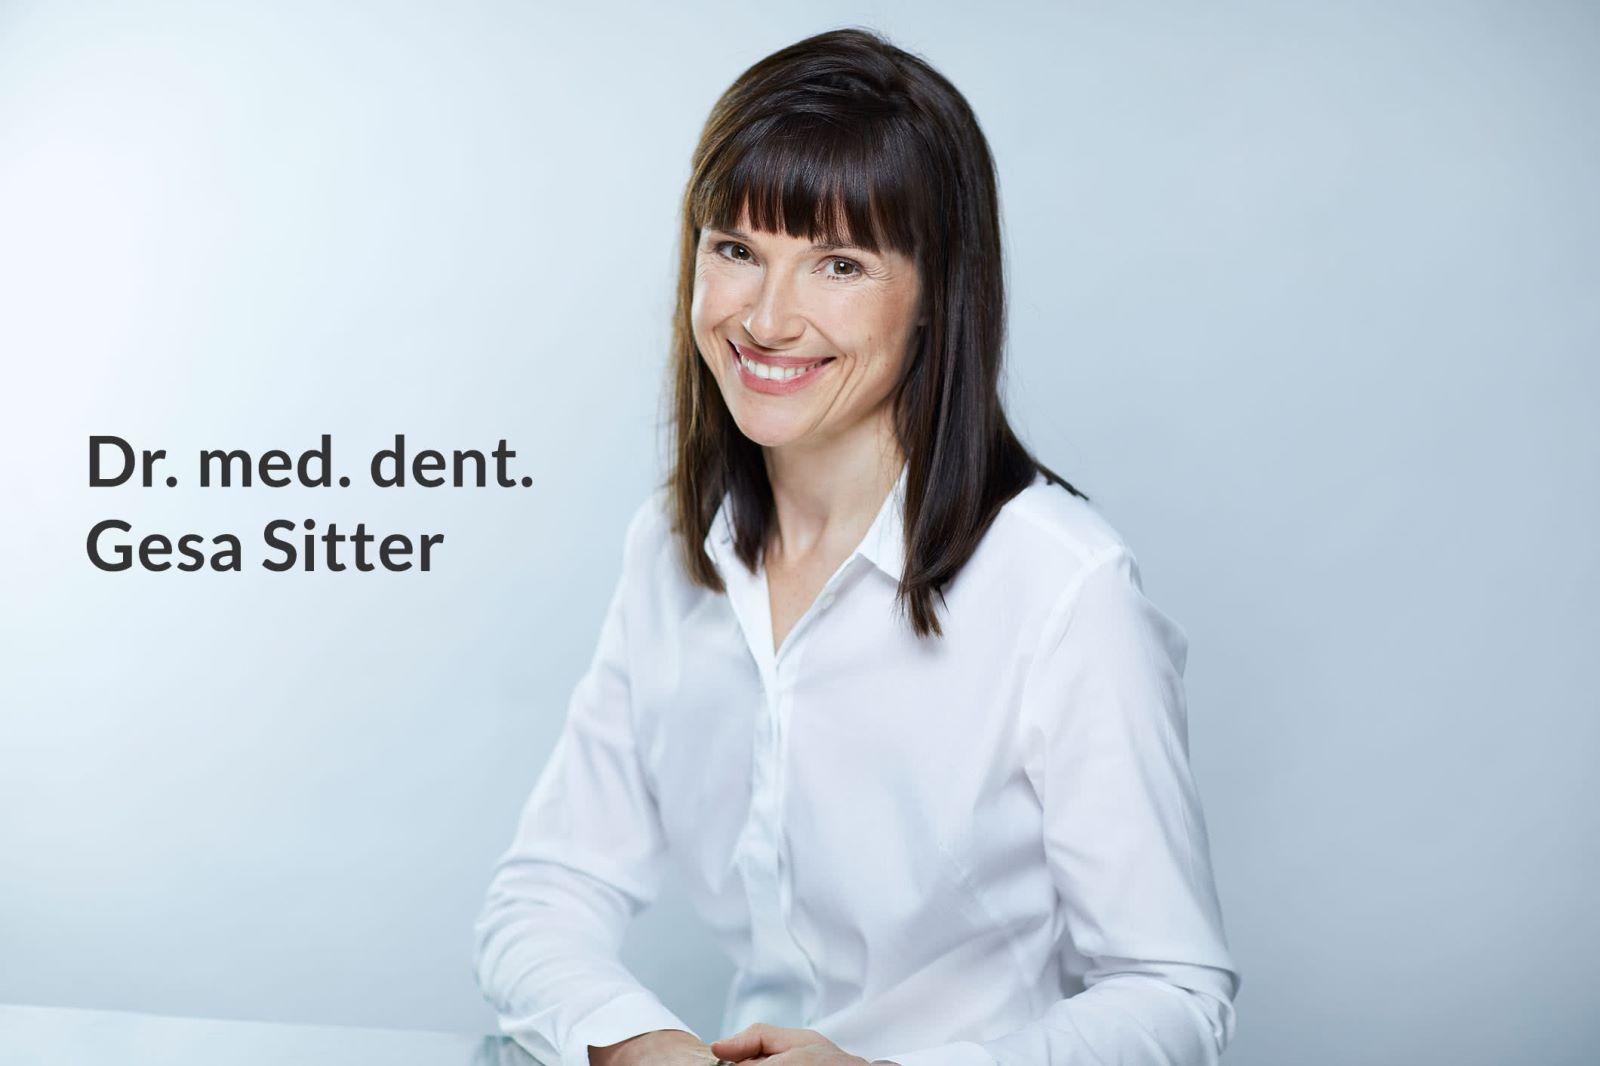 Dr. med. dent. Gesa Sitter